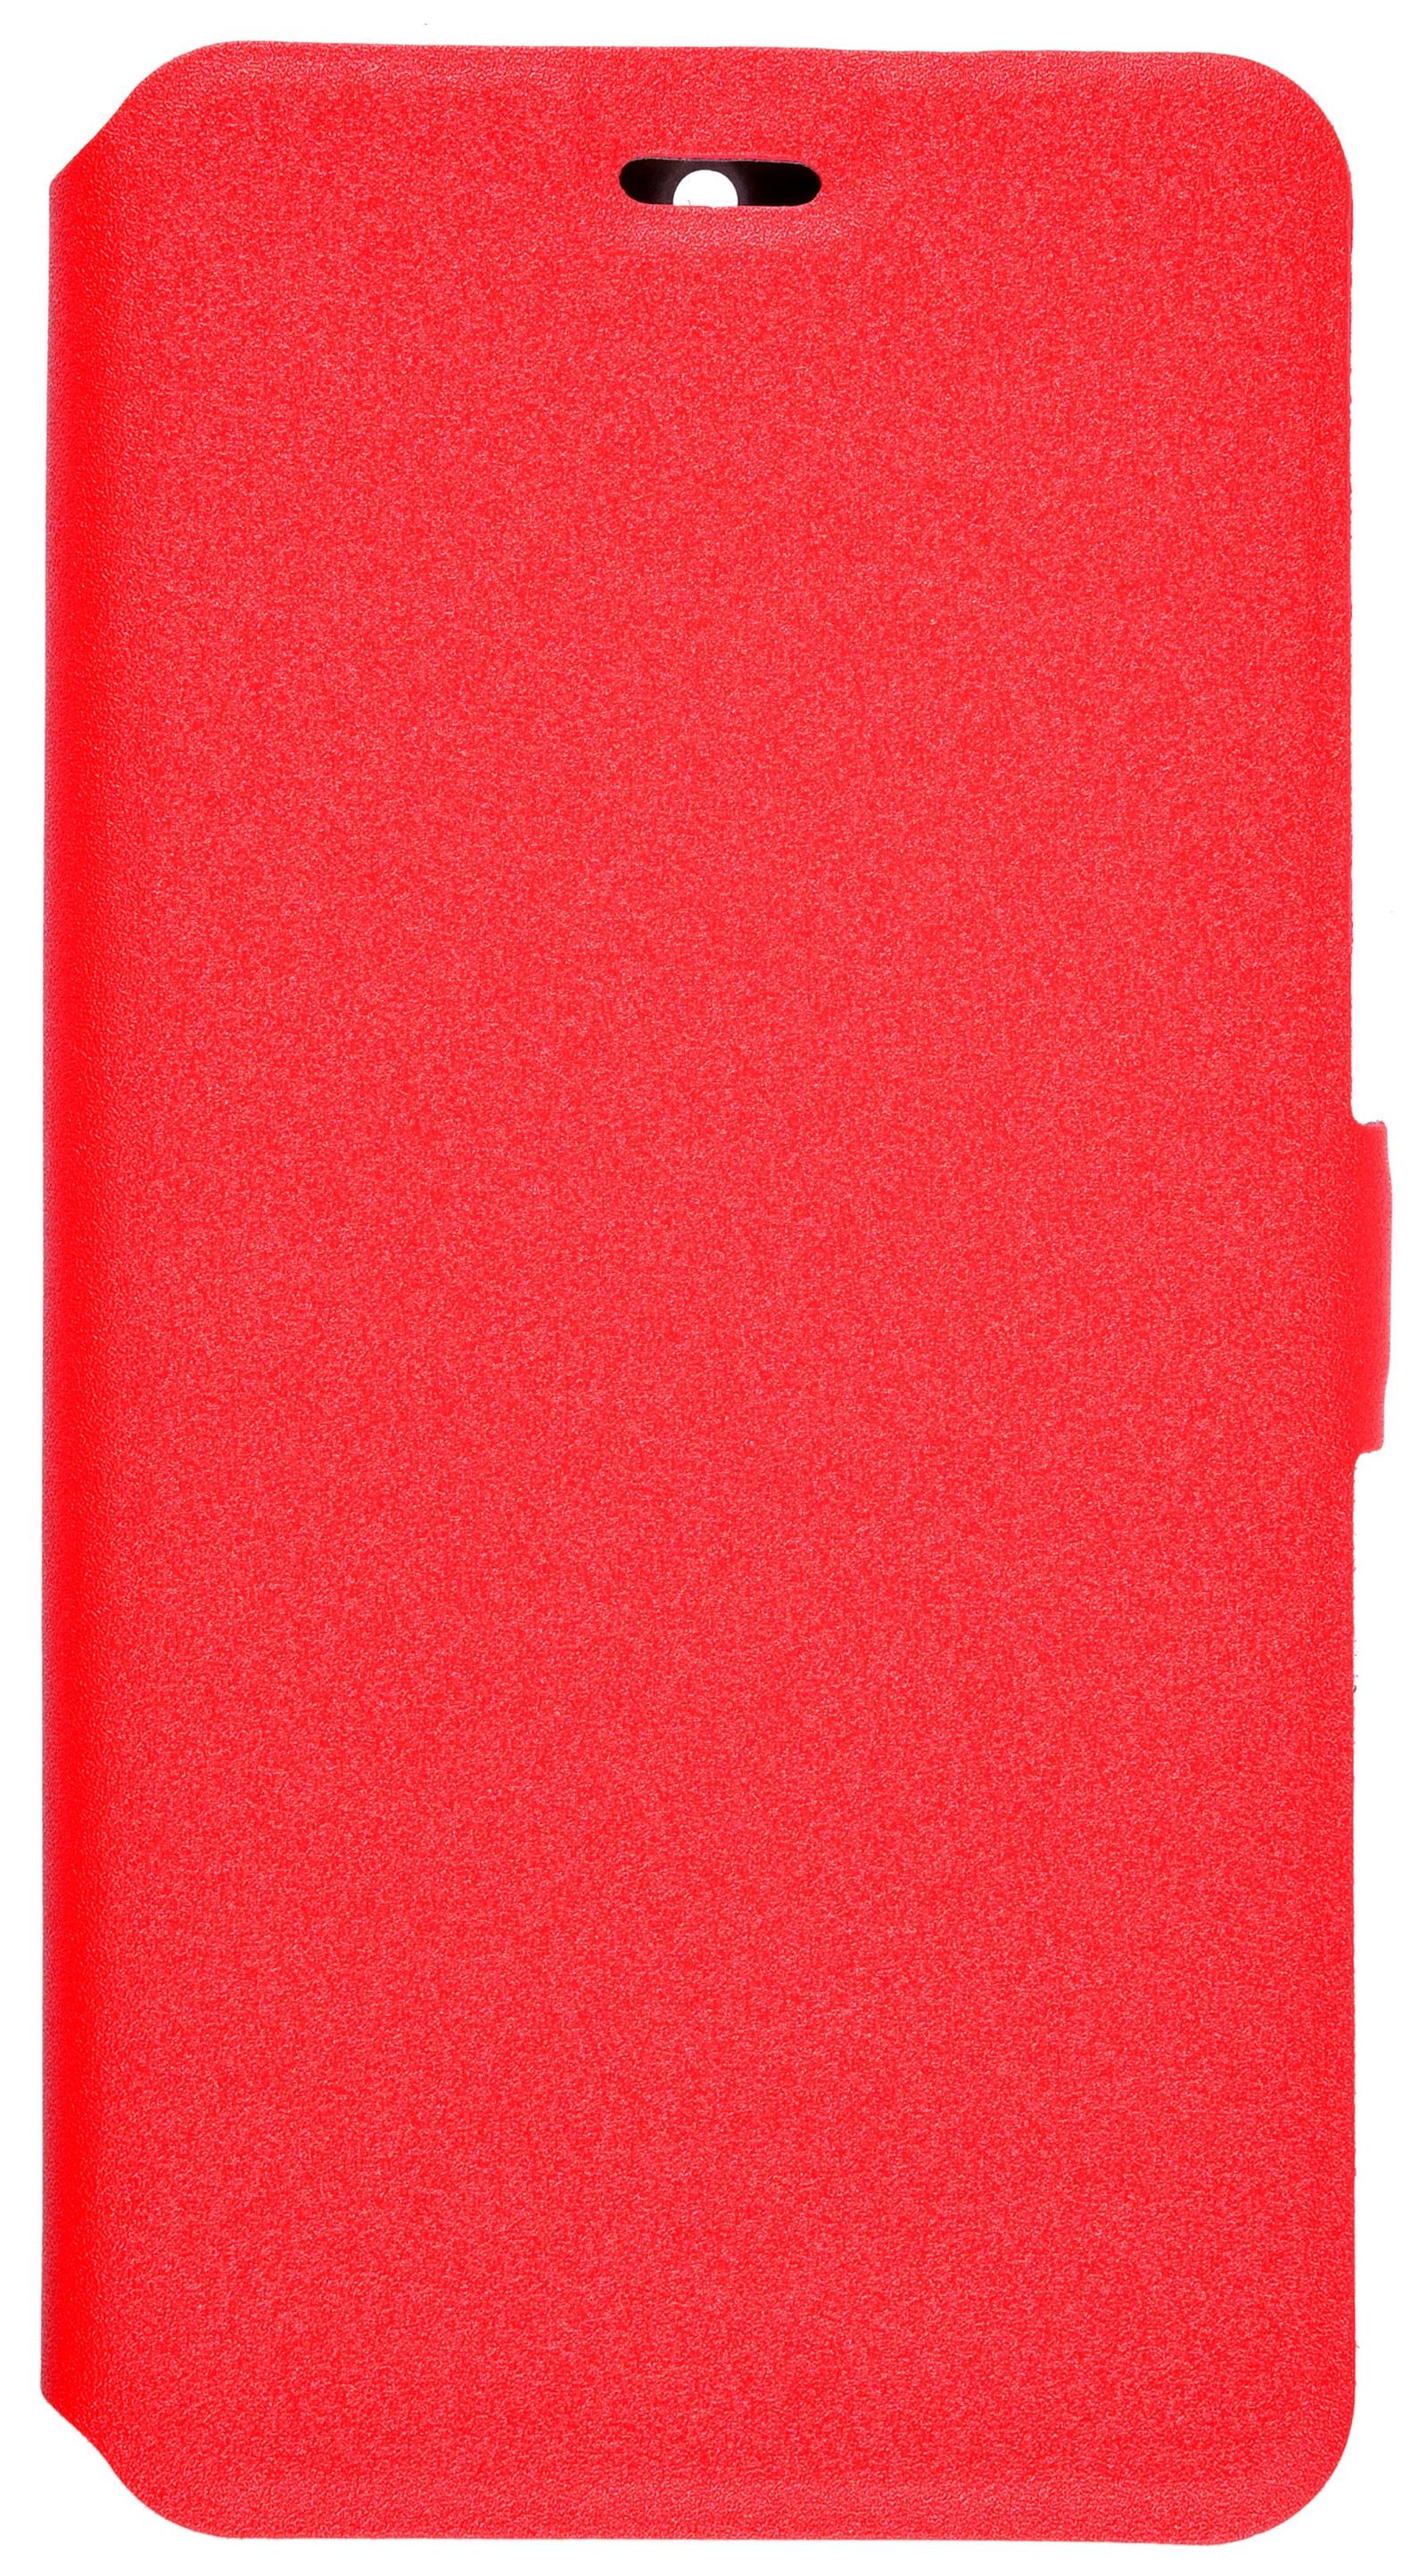 Чехол для сотового телефона PRIME Book, 4660041407815, красный чехол для сотового телефона prime book 4630042523708 красный